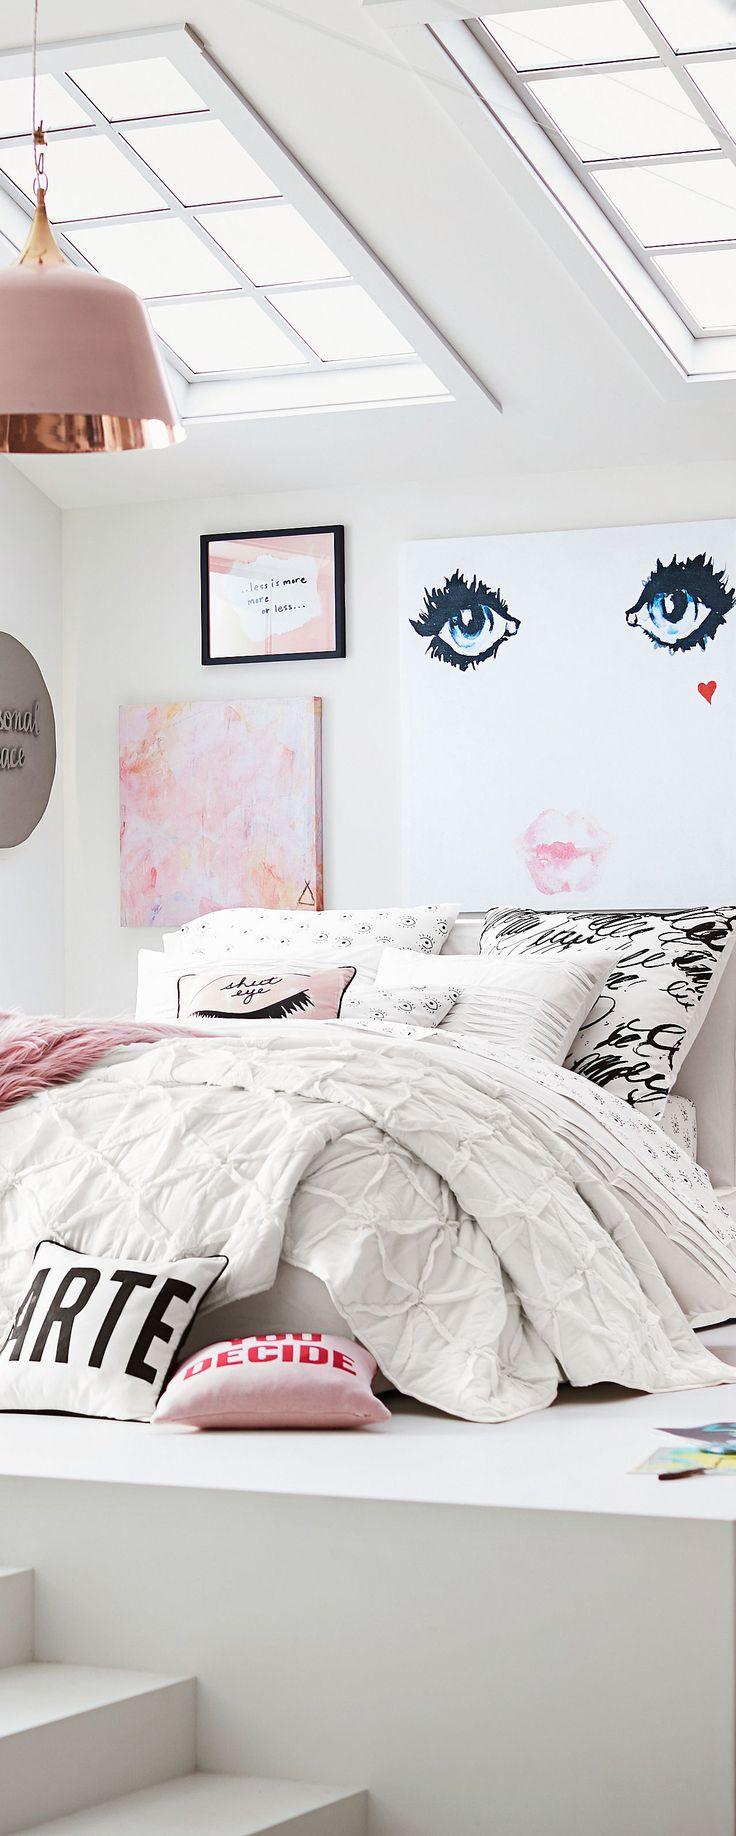 M s de 25 ideas incre bles sobre cuartos tumblr en for Dormitorio kawaii